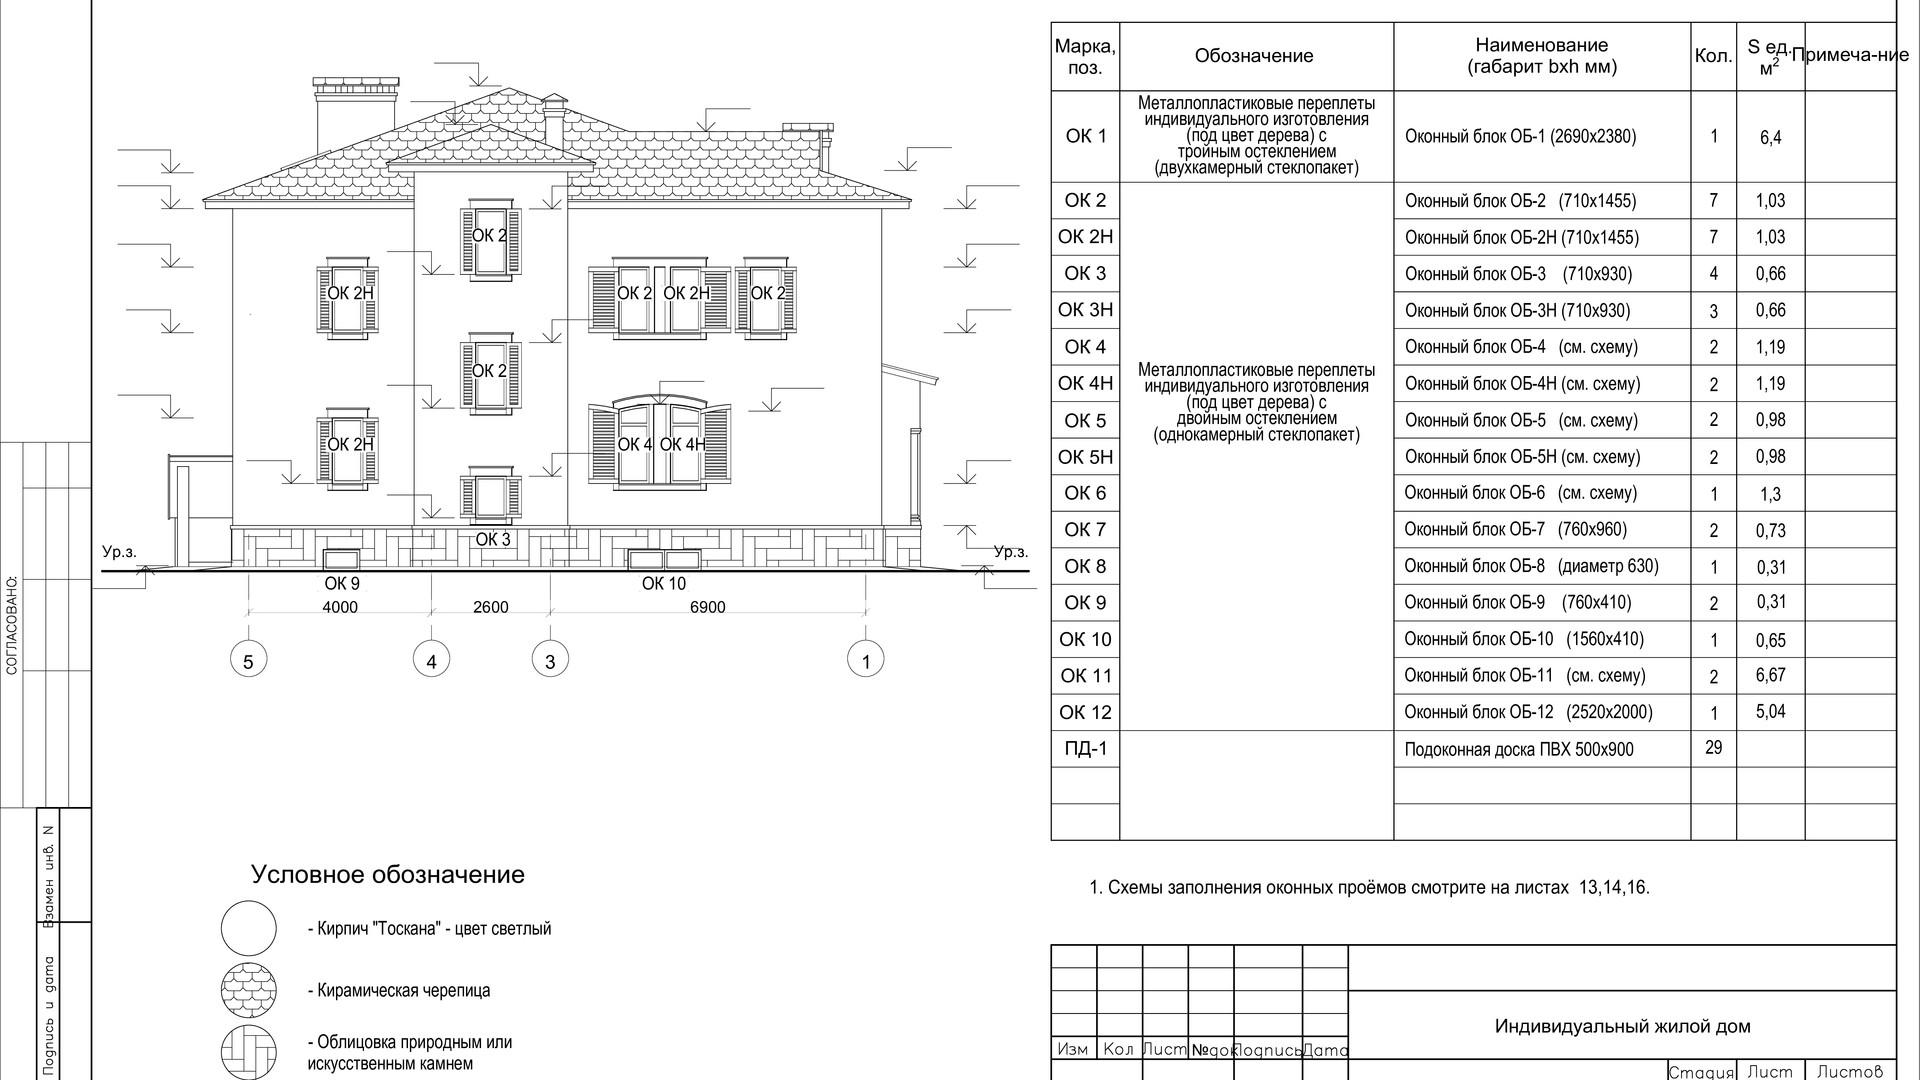 1. Фасад 2_А2 (pdf.io)_исходные данные.j